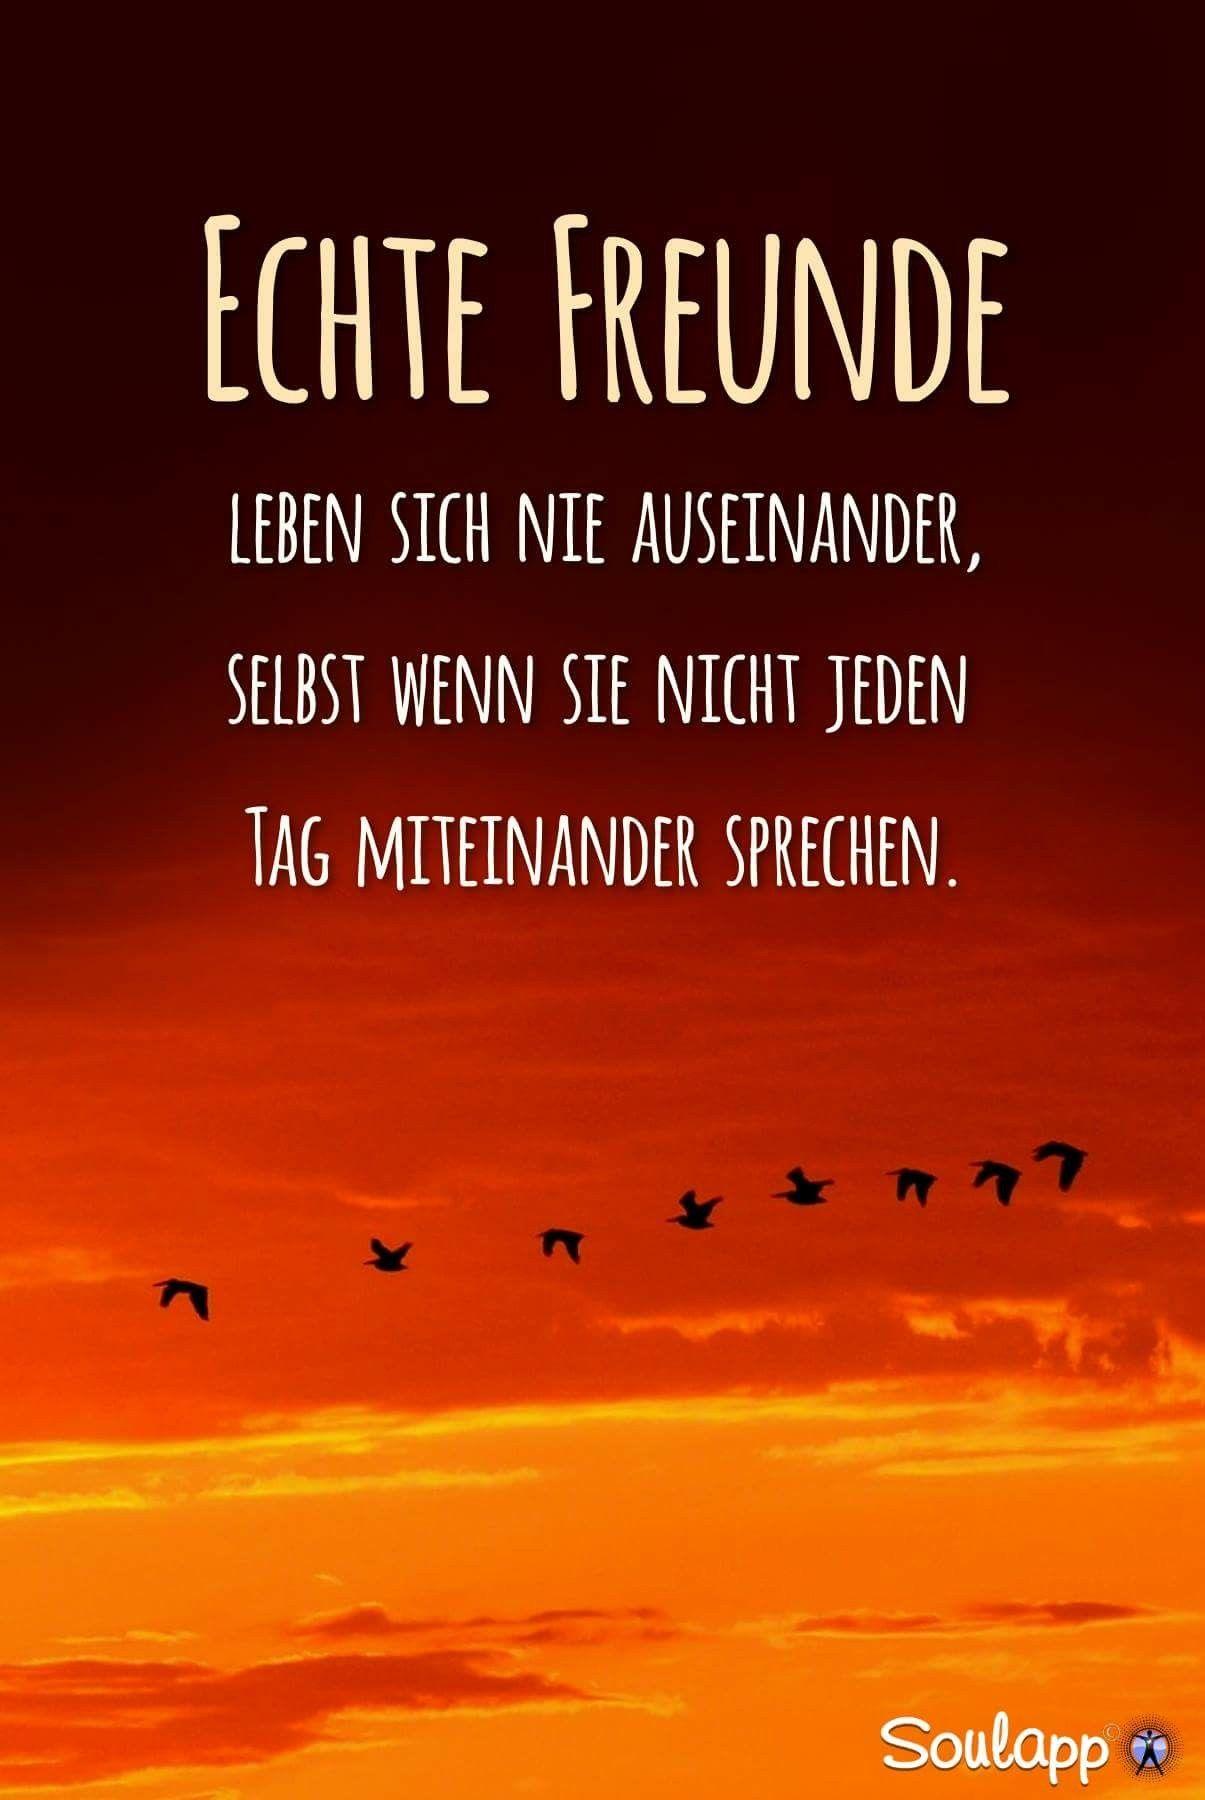 Pin von Nadine Eberle auf Sprüche | Quotes, Relationship und Wise